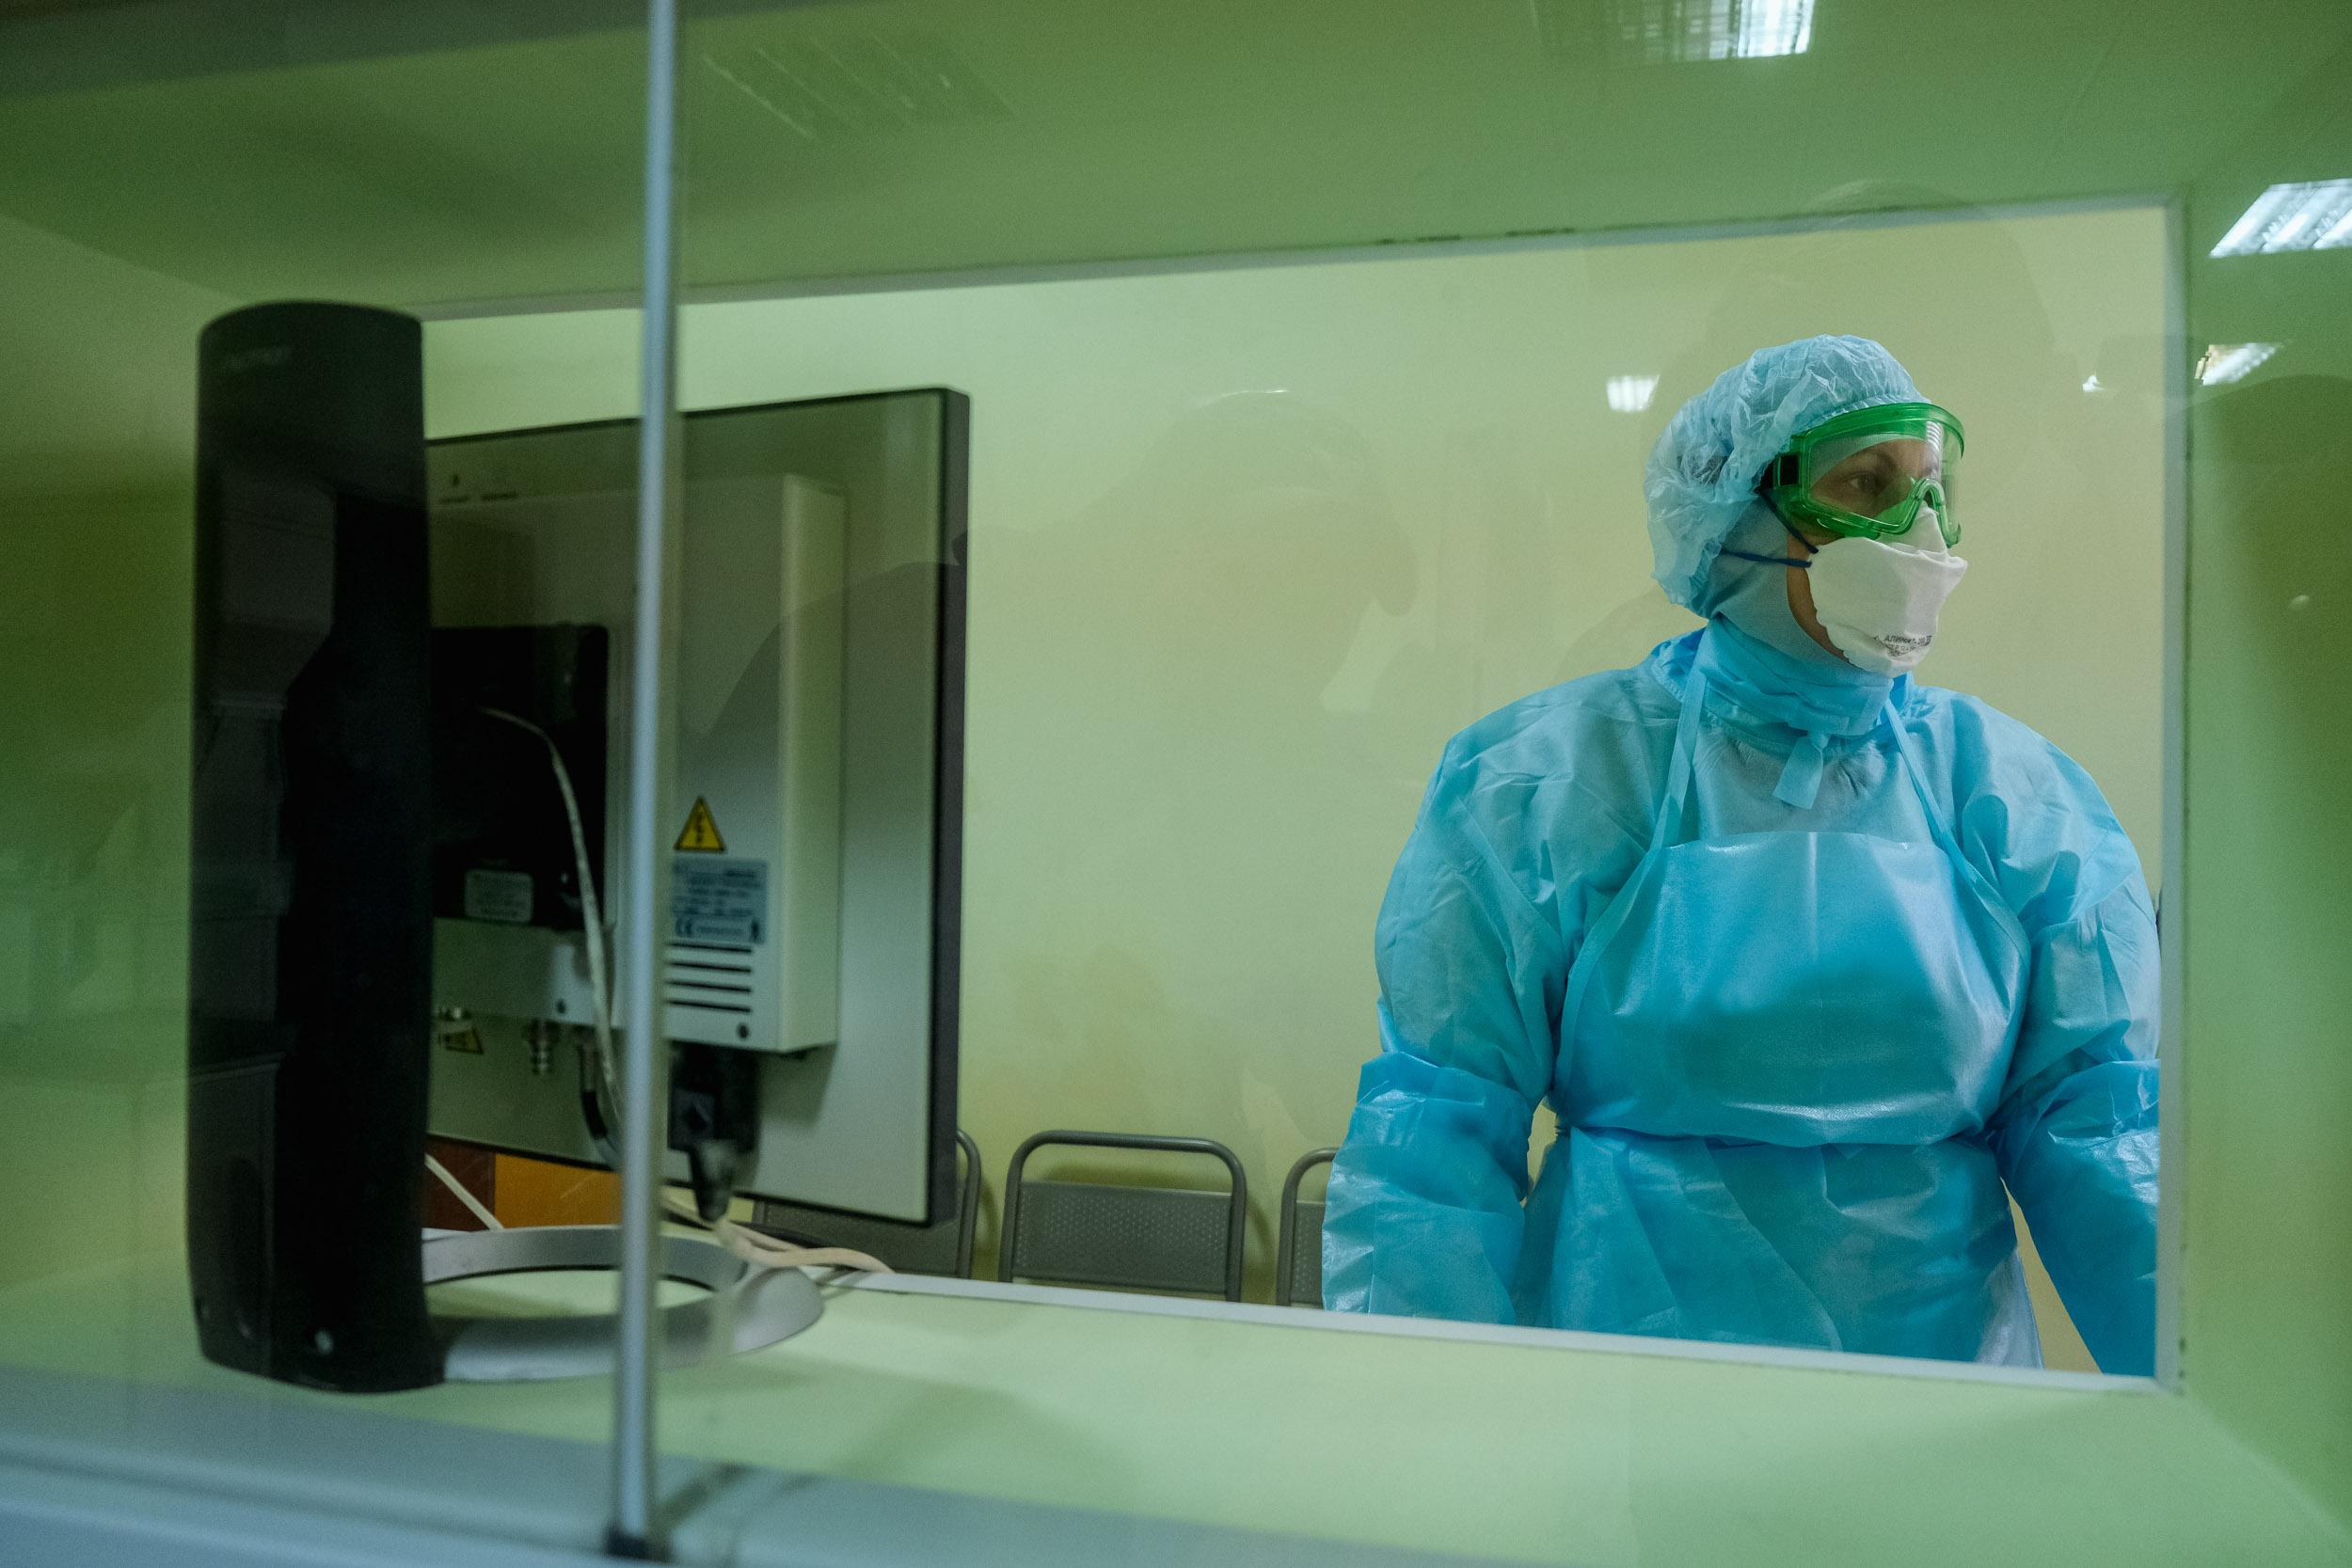 Ещё один астраханец скончался от COVID-19: меньше 900 человек заражены